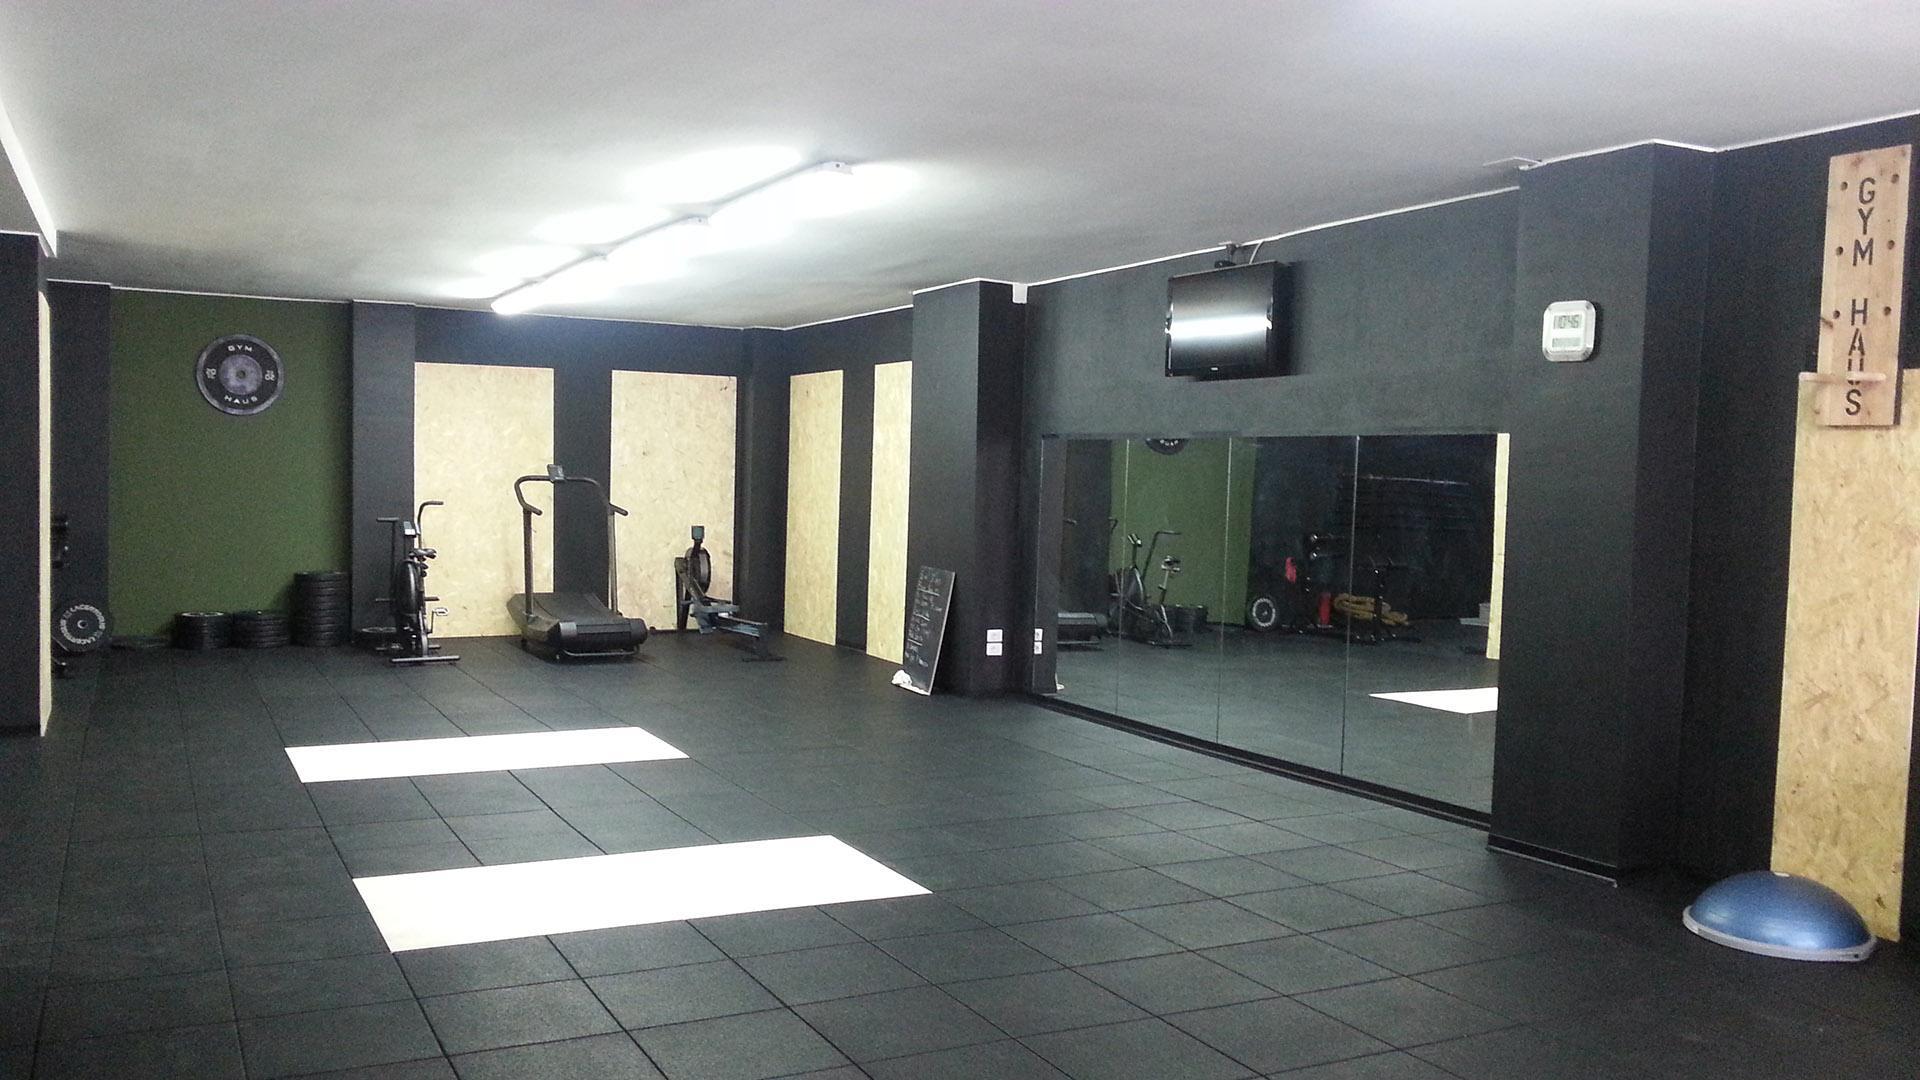 Una sala della palestra a tua disposizione, scegli Personal Trainer con Personal Gym